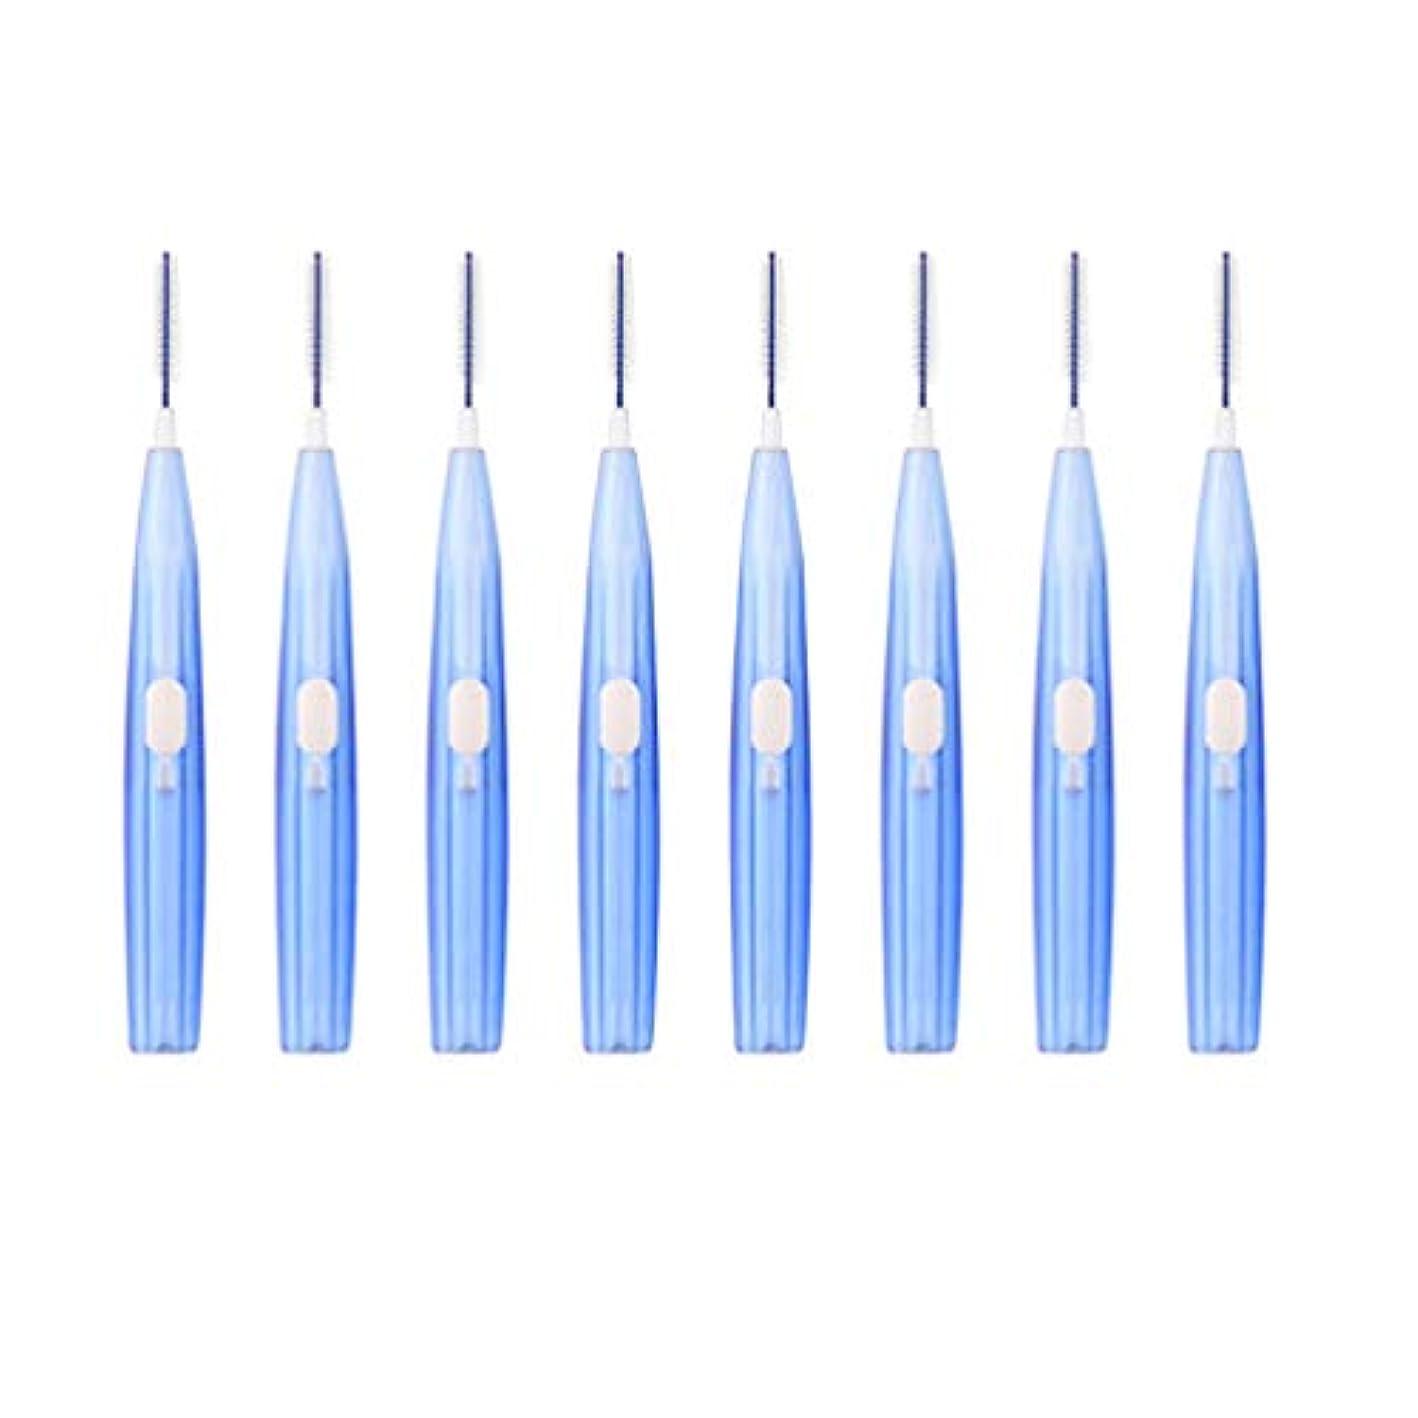 行政冬動機付けるSUPVOX 8pcs歯間ピックデンタルブラシピックダブルヘッドデンタルフロス歯間クリーナー(青)